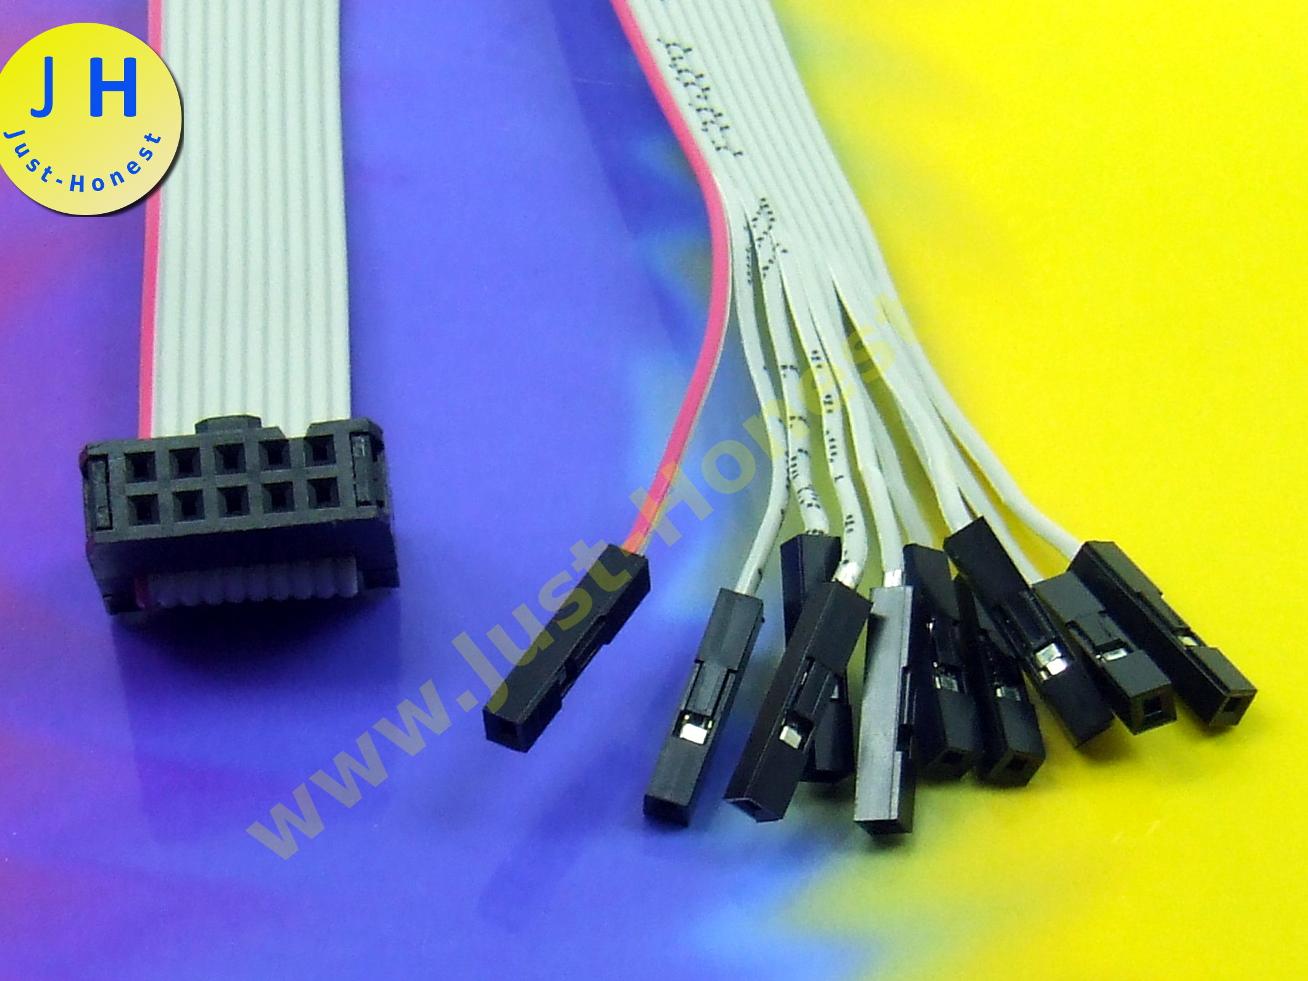 IDC Kabel DUPONT Weiblich 10 polig 30cm Flachbandkabel 2.54mm Verbinder #A2561